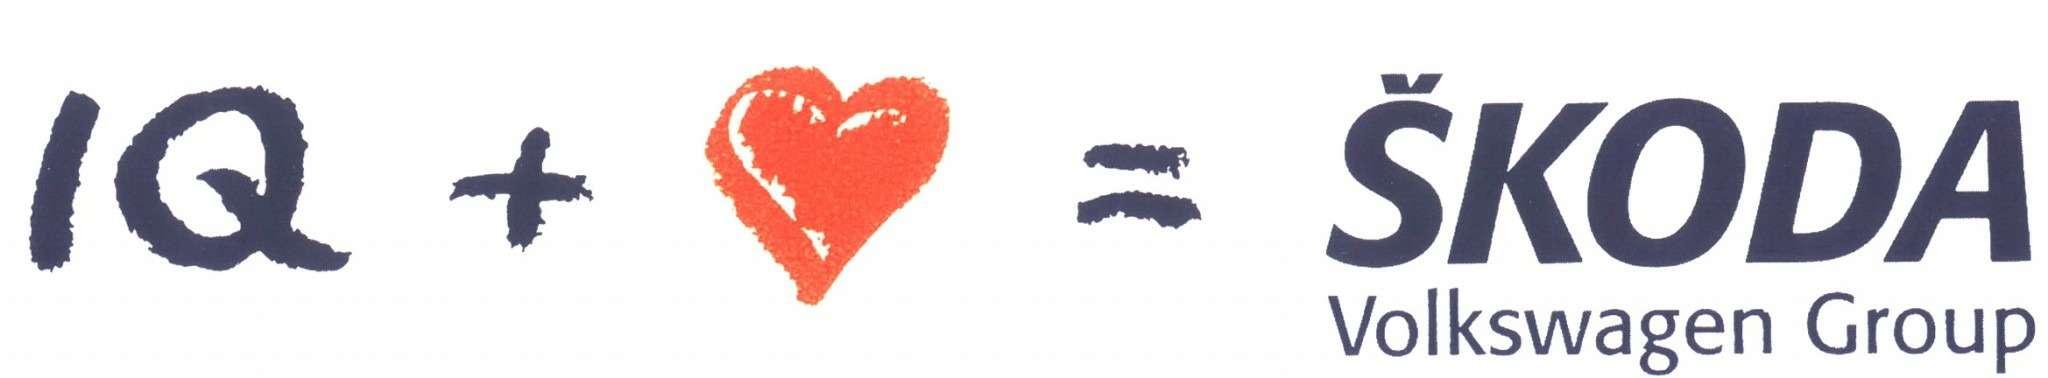 Элемент рекламной кампании, развернутой после приобретения Skoda группой Volkswagen.